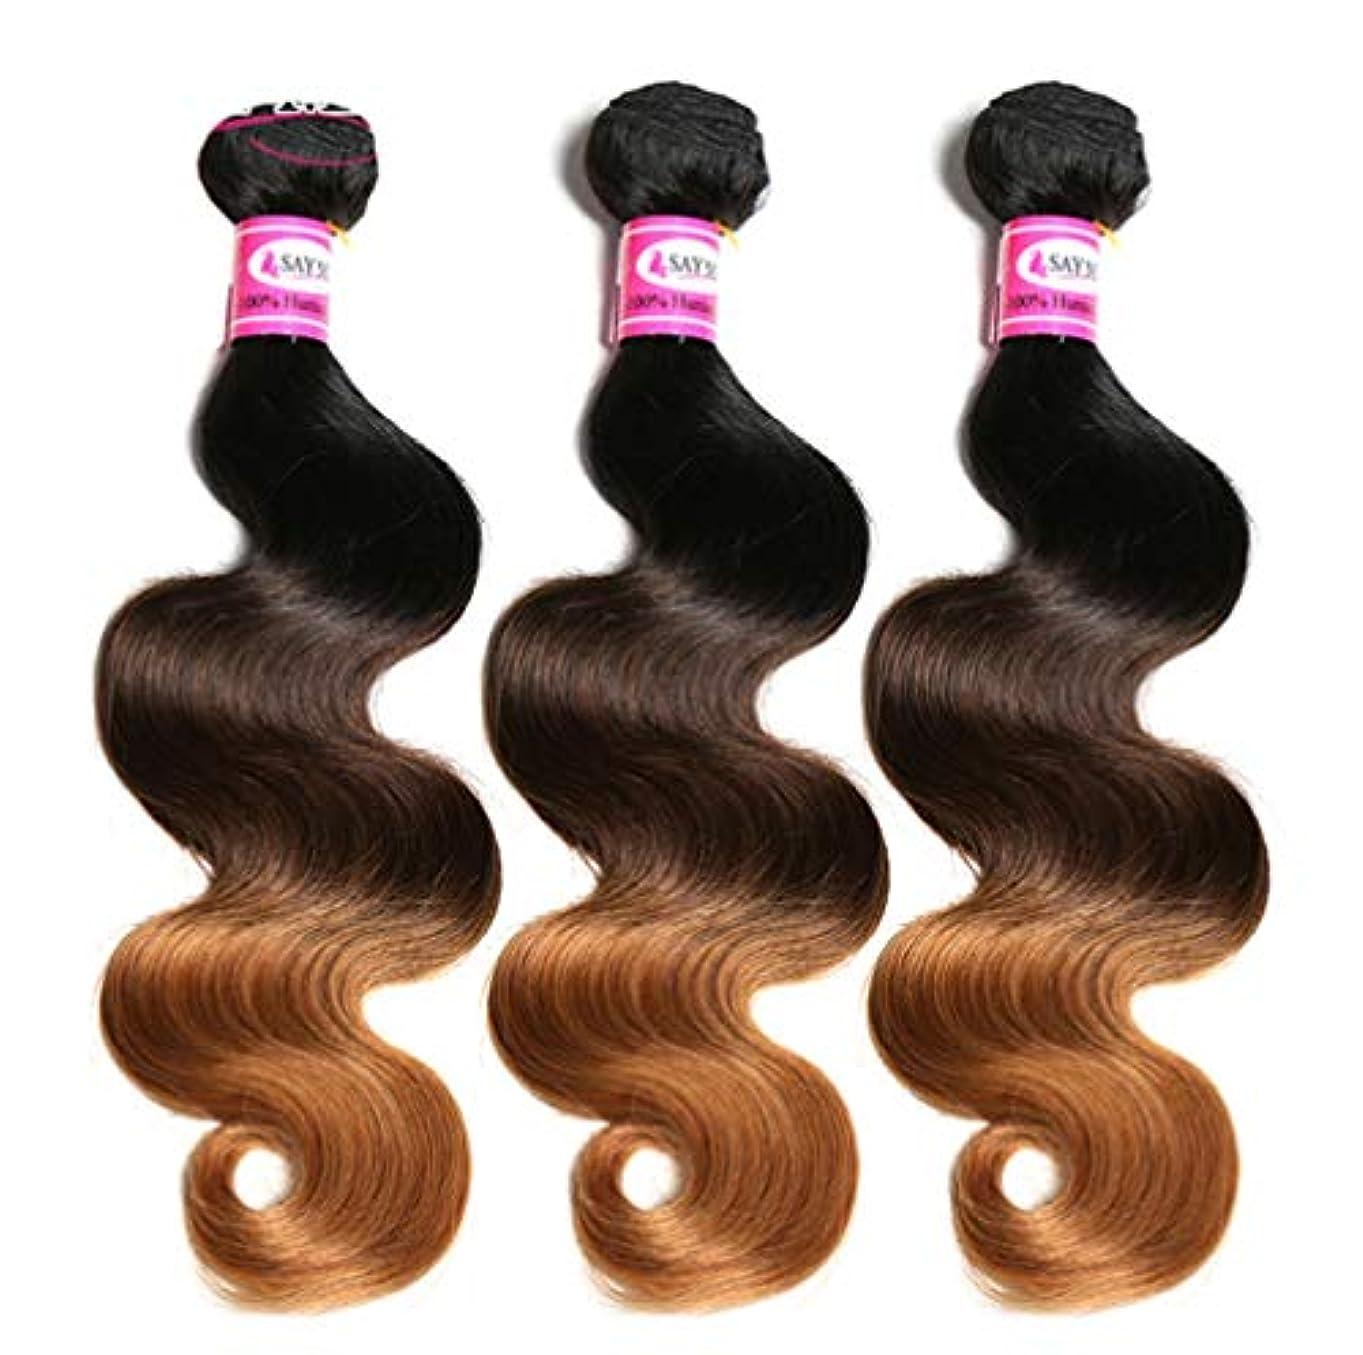 孤独な端末うん100%ブラジル人毛束ボディウェーブ毛束オンブル人毛束織りグラデーション(3束)